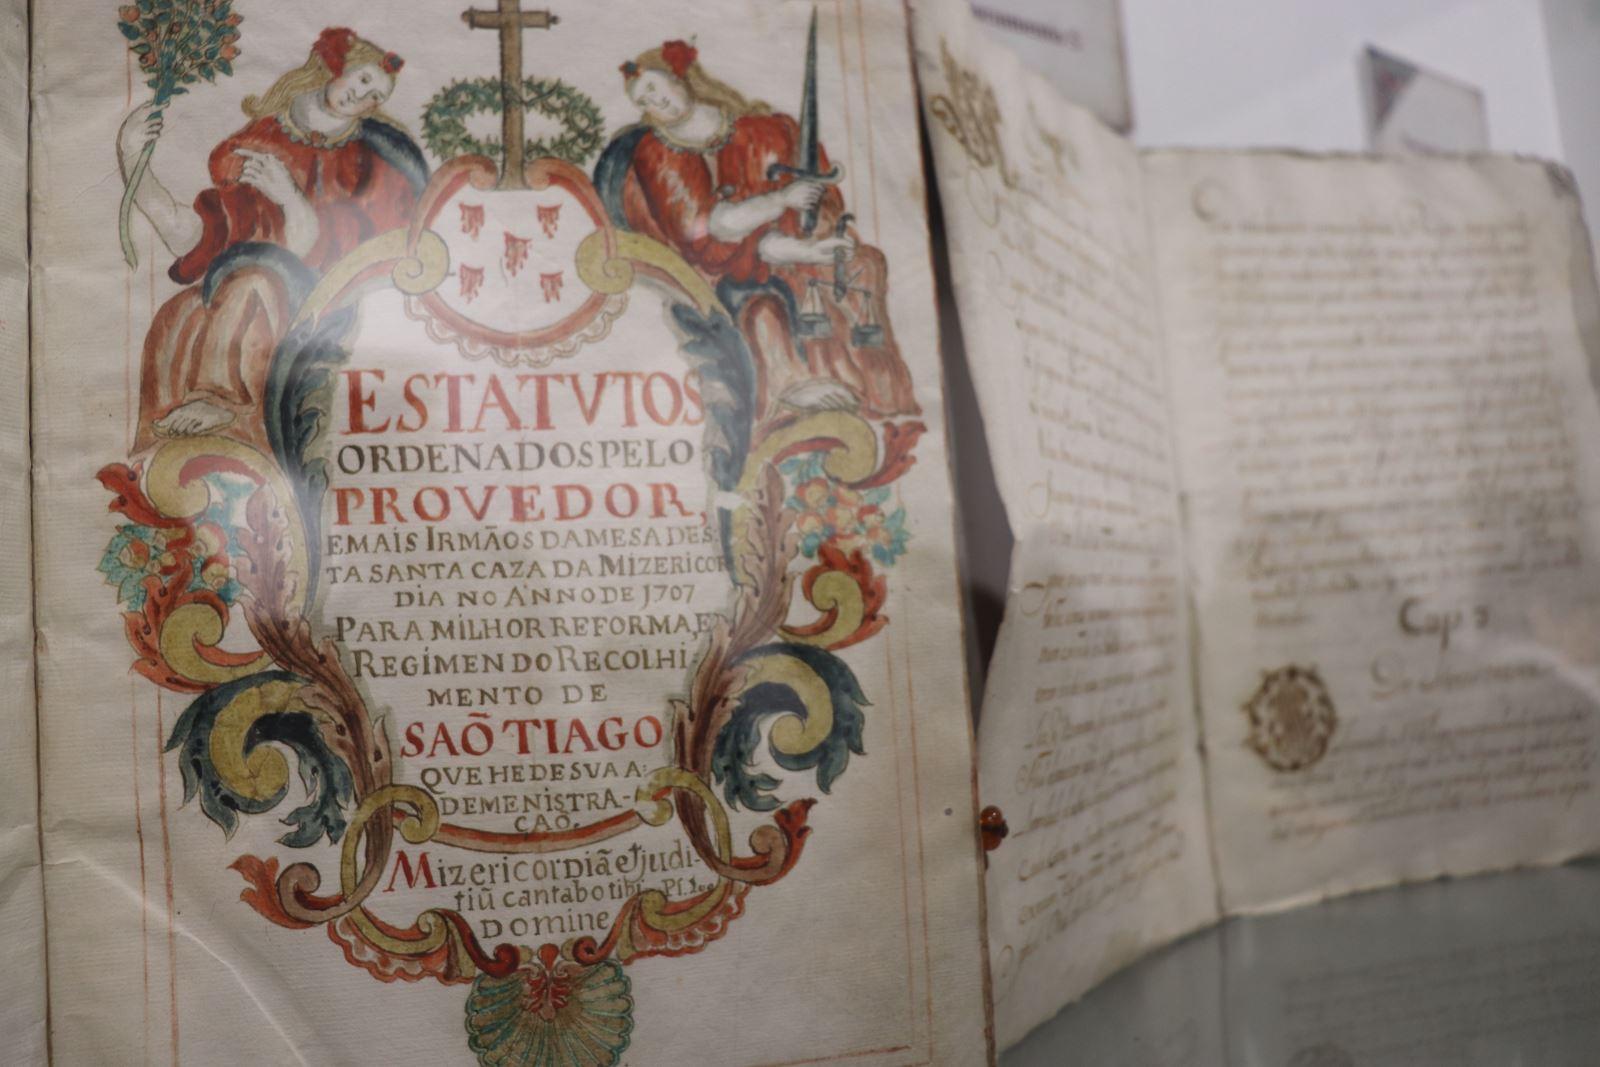 Viana do Castelo | Homenagear a intervenção das mulheres na sociedade